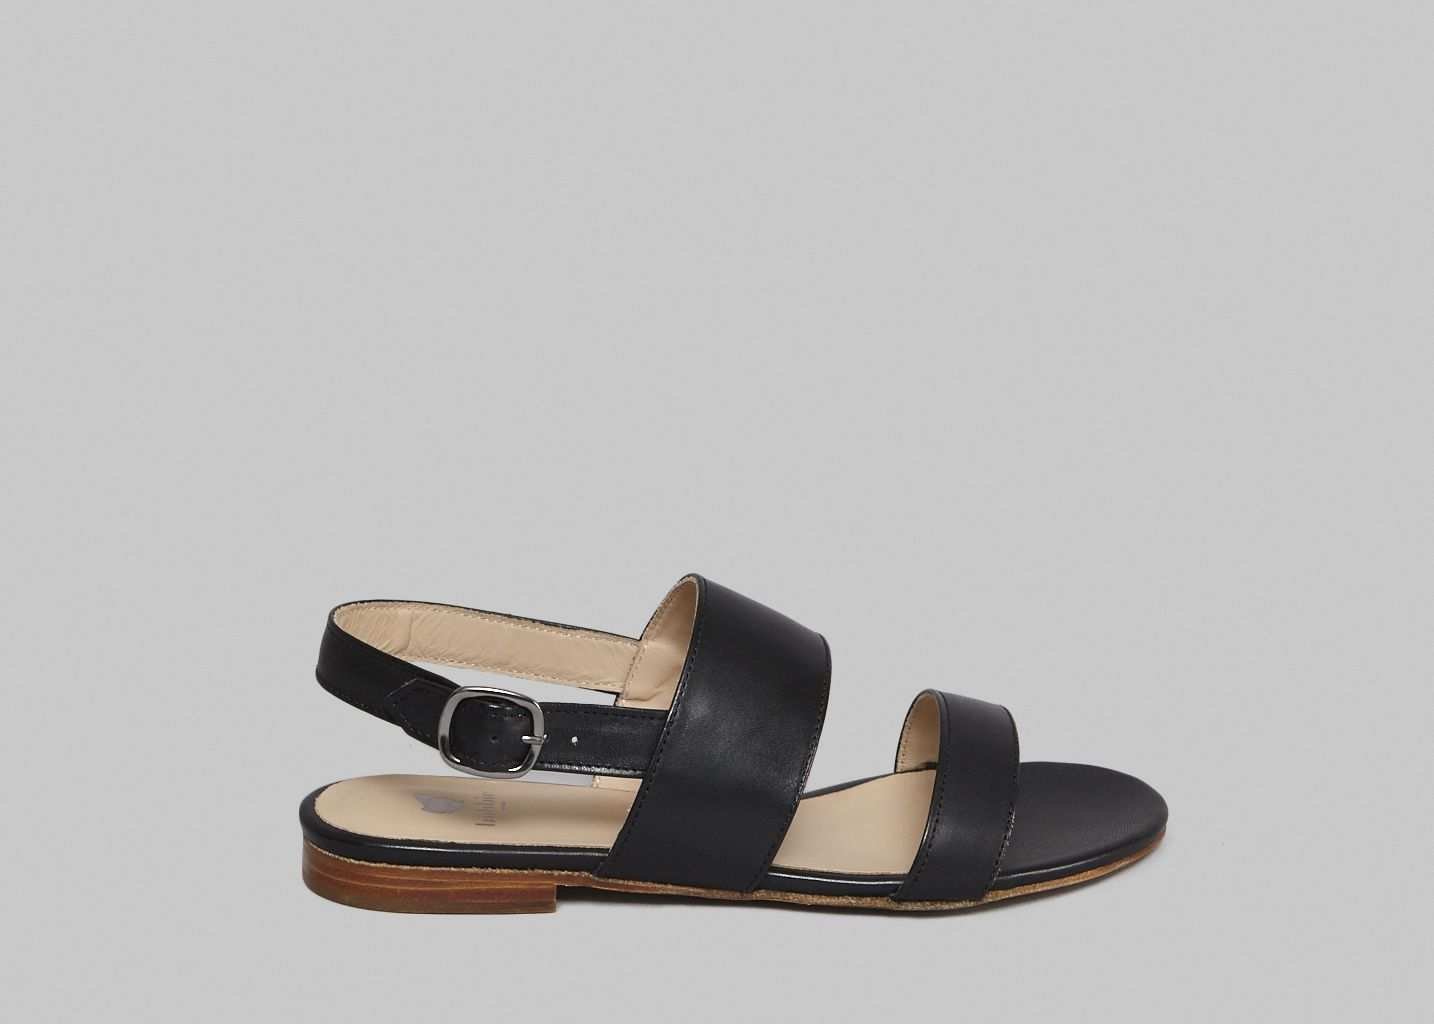 Sandales L'Athena - Bobbies